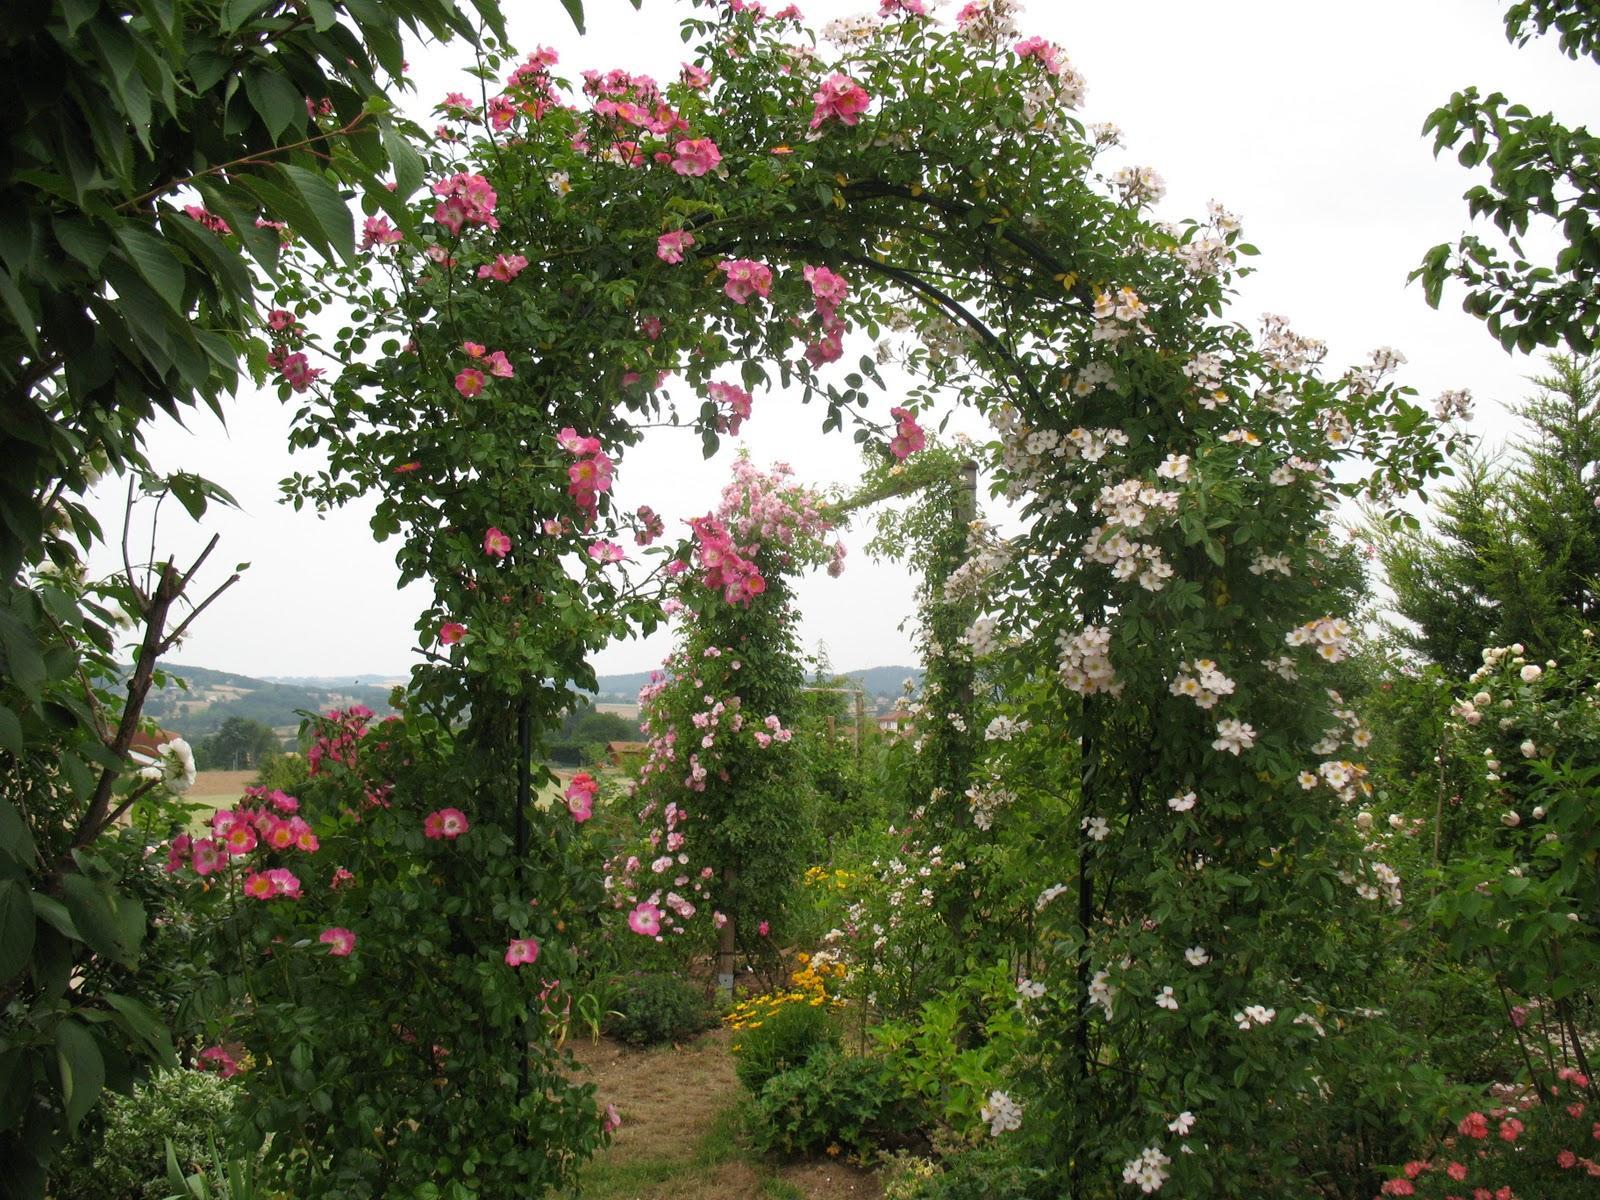 Záhrada,ktorá ťa nikdy neomrzí...divoká a krásna - Obrázok č. 136